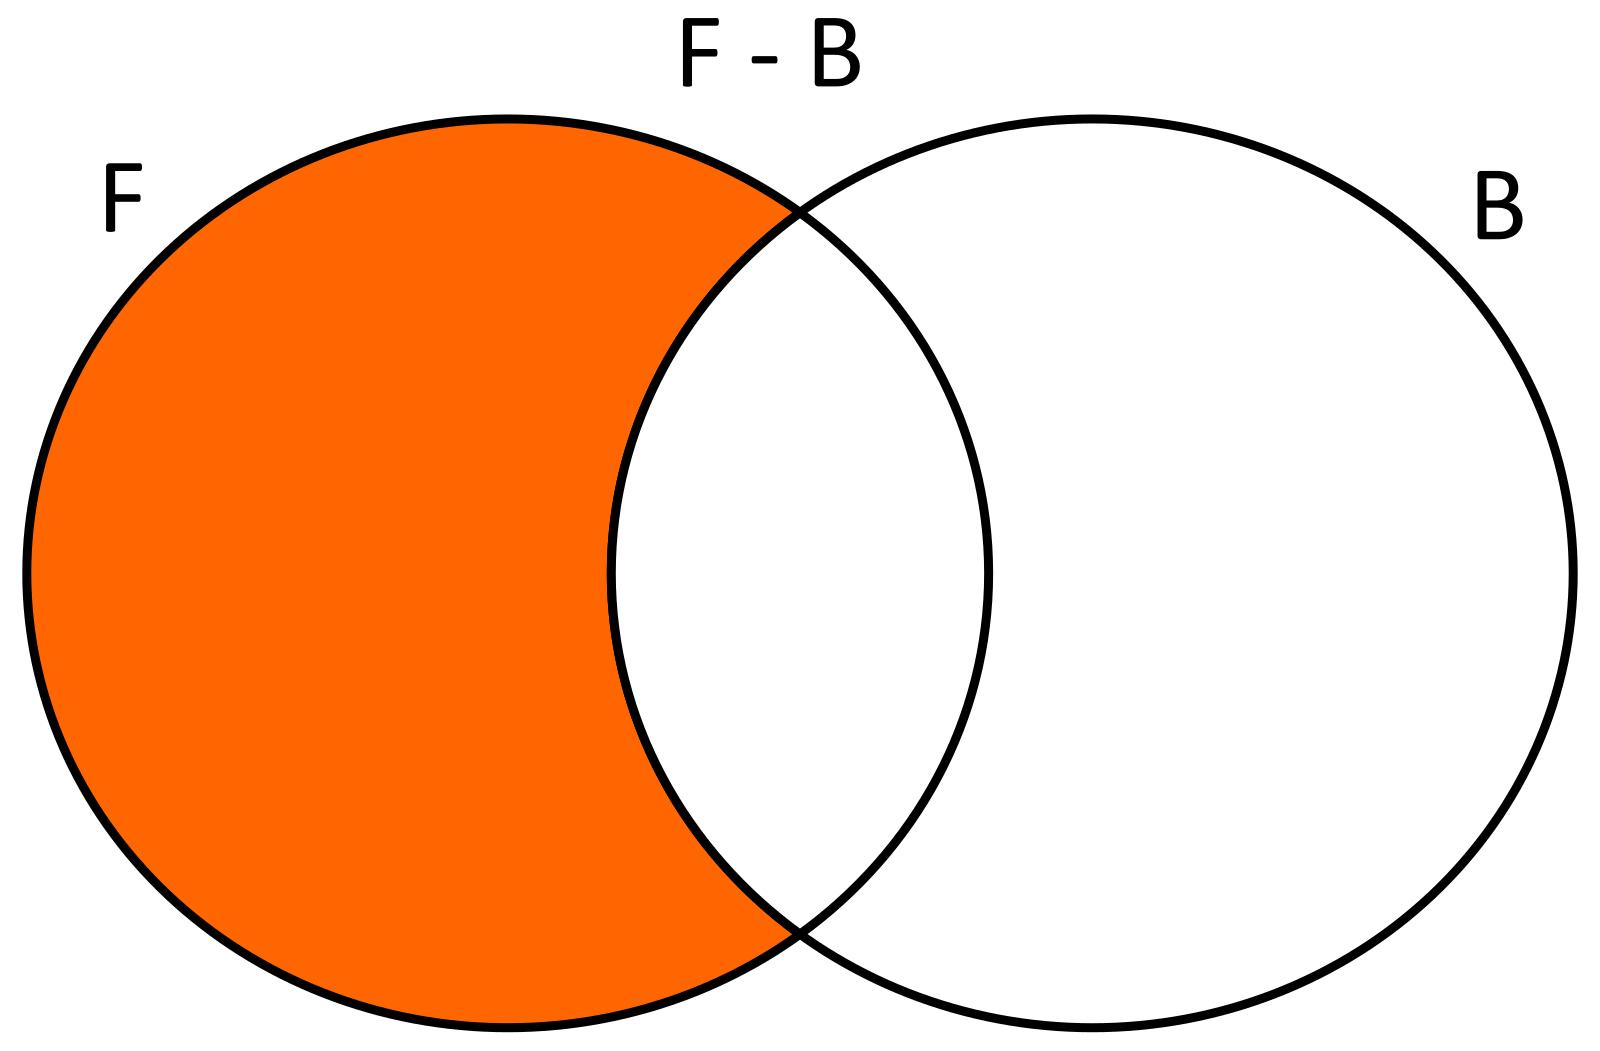 Conoce3000 que juegan bsquet la diferencia de f con b ser f bxx estudiantes que slo juegan ftbol usando diagramas de venn se tendra lo siguiente ccuart Images